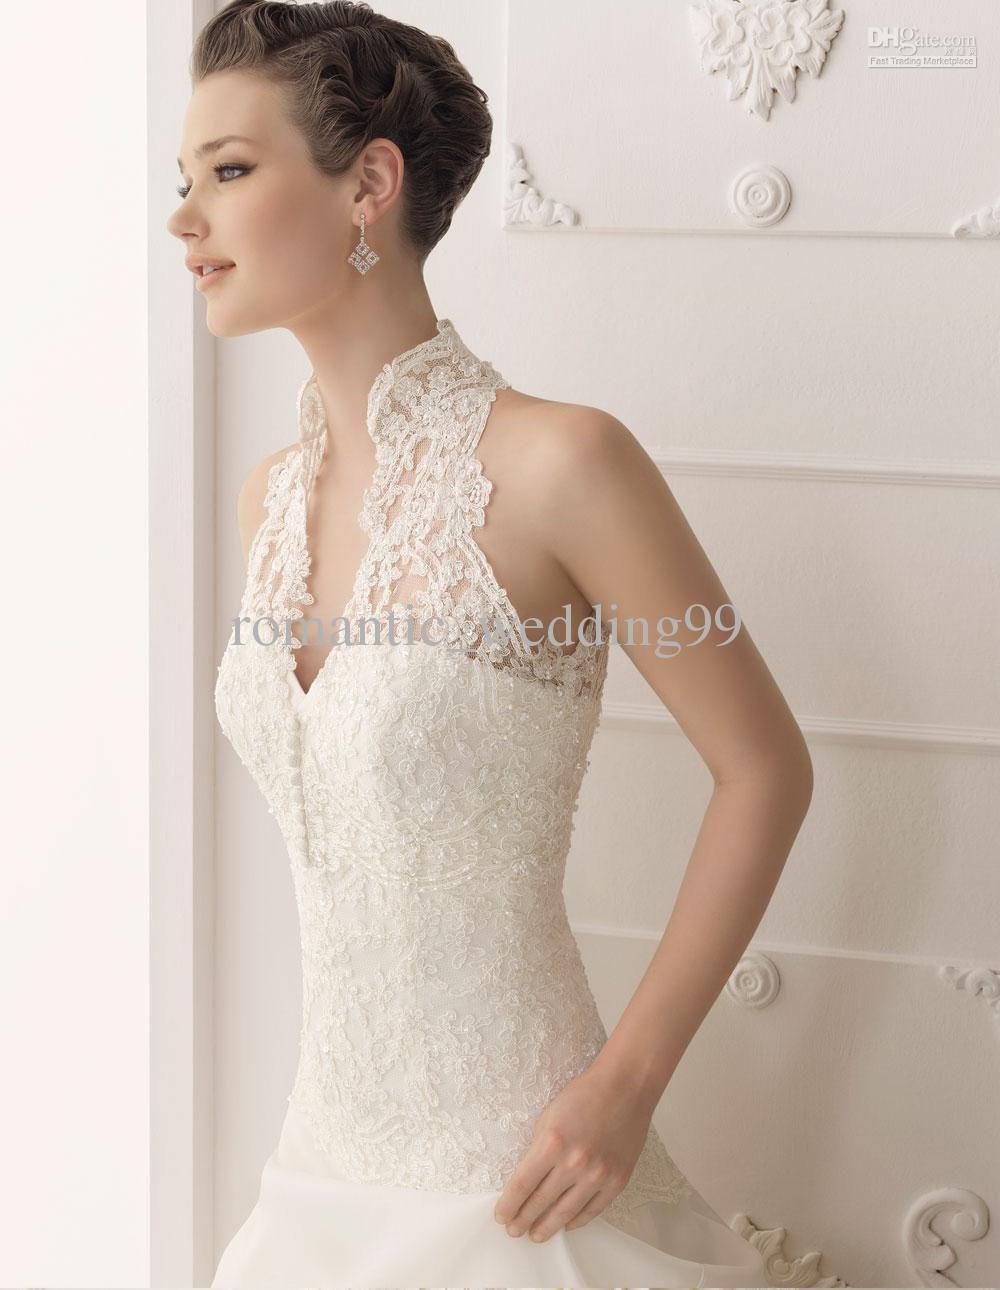 Simple Wedding Dress But Elegantwholesale Wedding Dresses Buy Simple